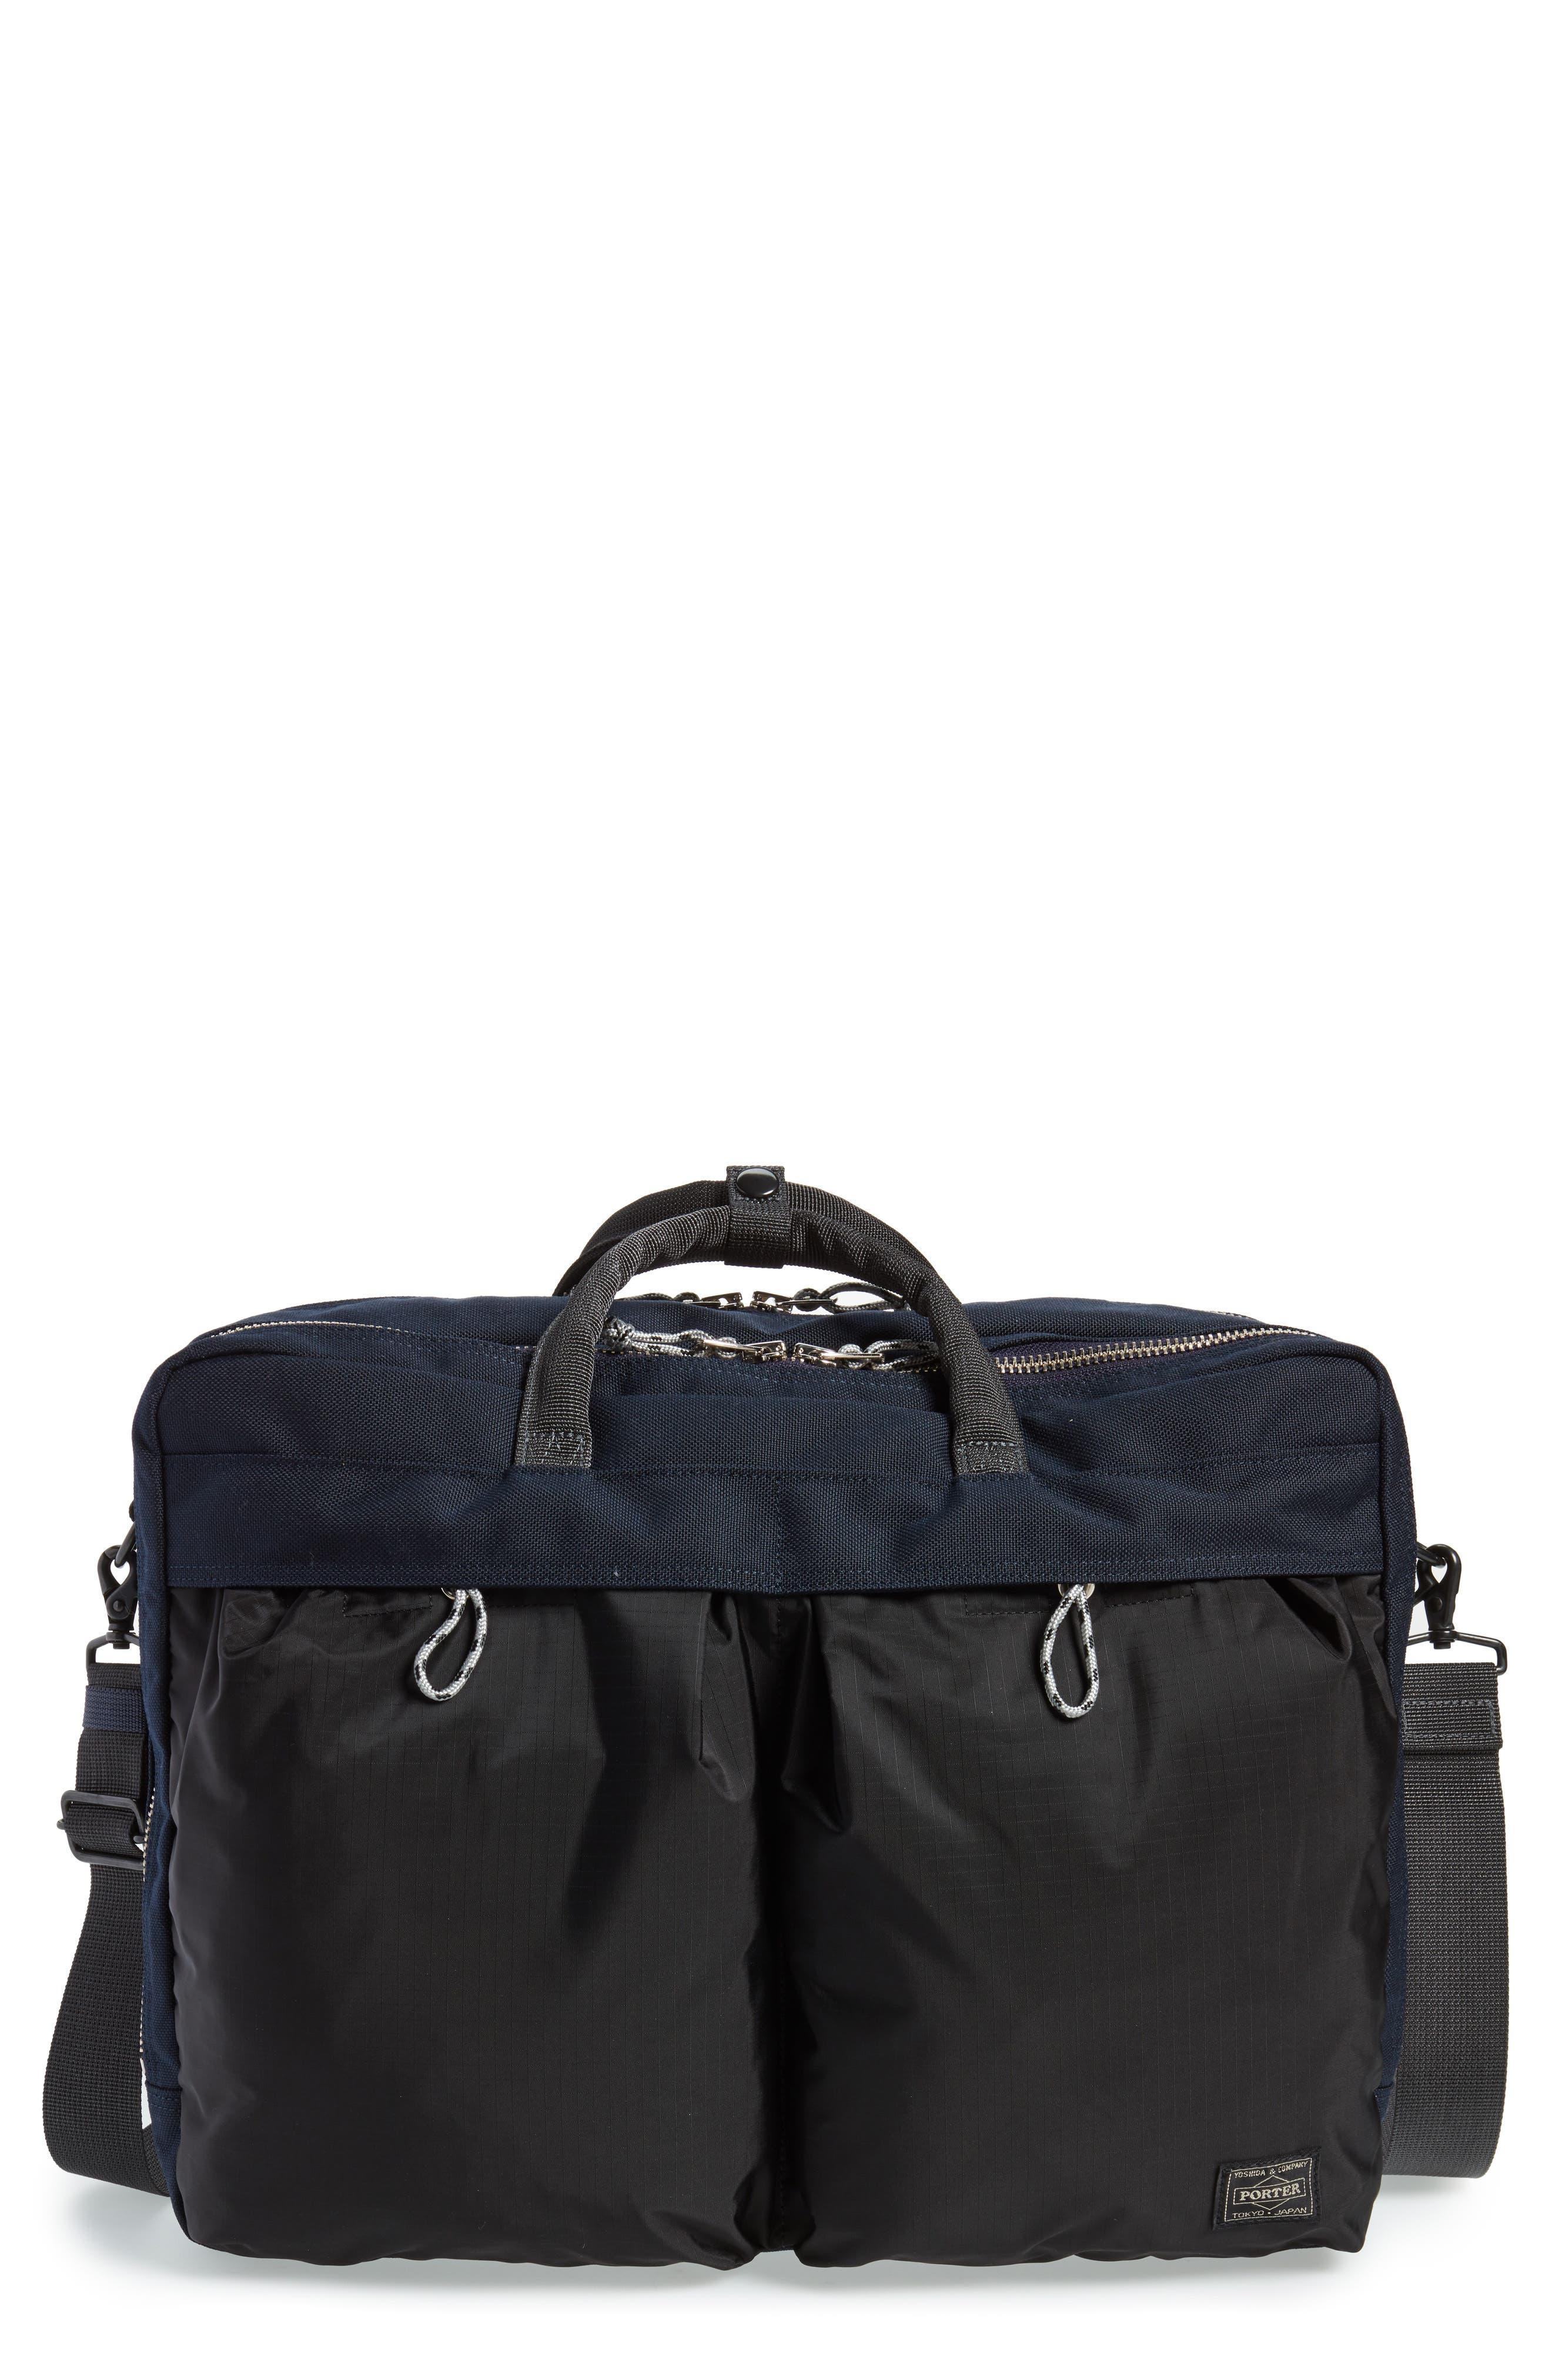 Porter-Yoshida & Co. Hype Convertible Briefcase,                         Main,                         color,